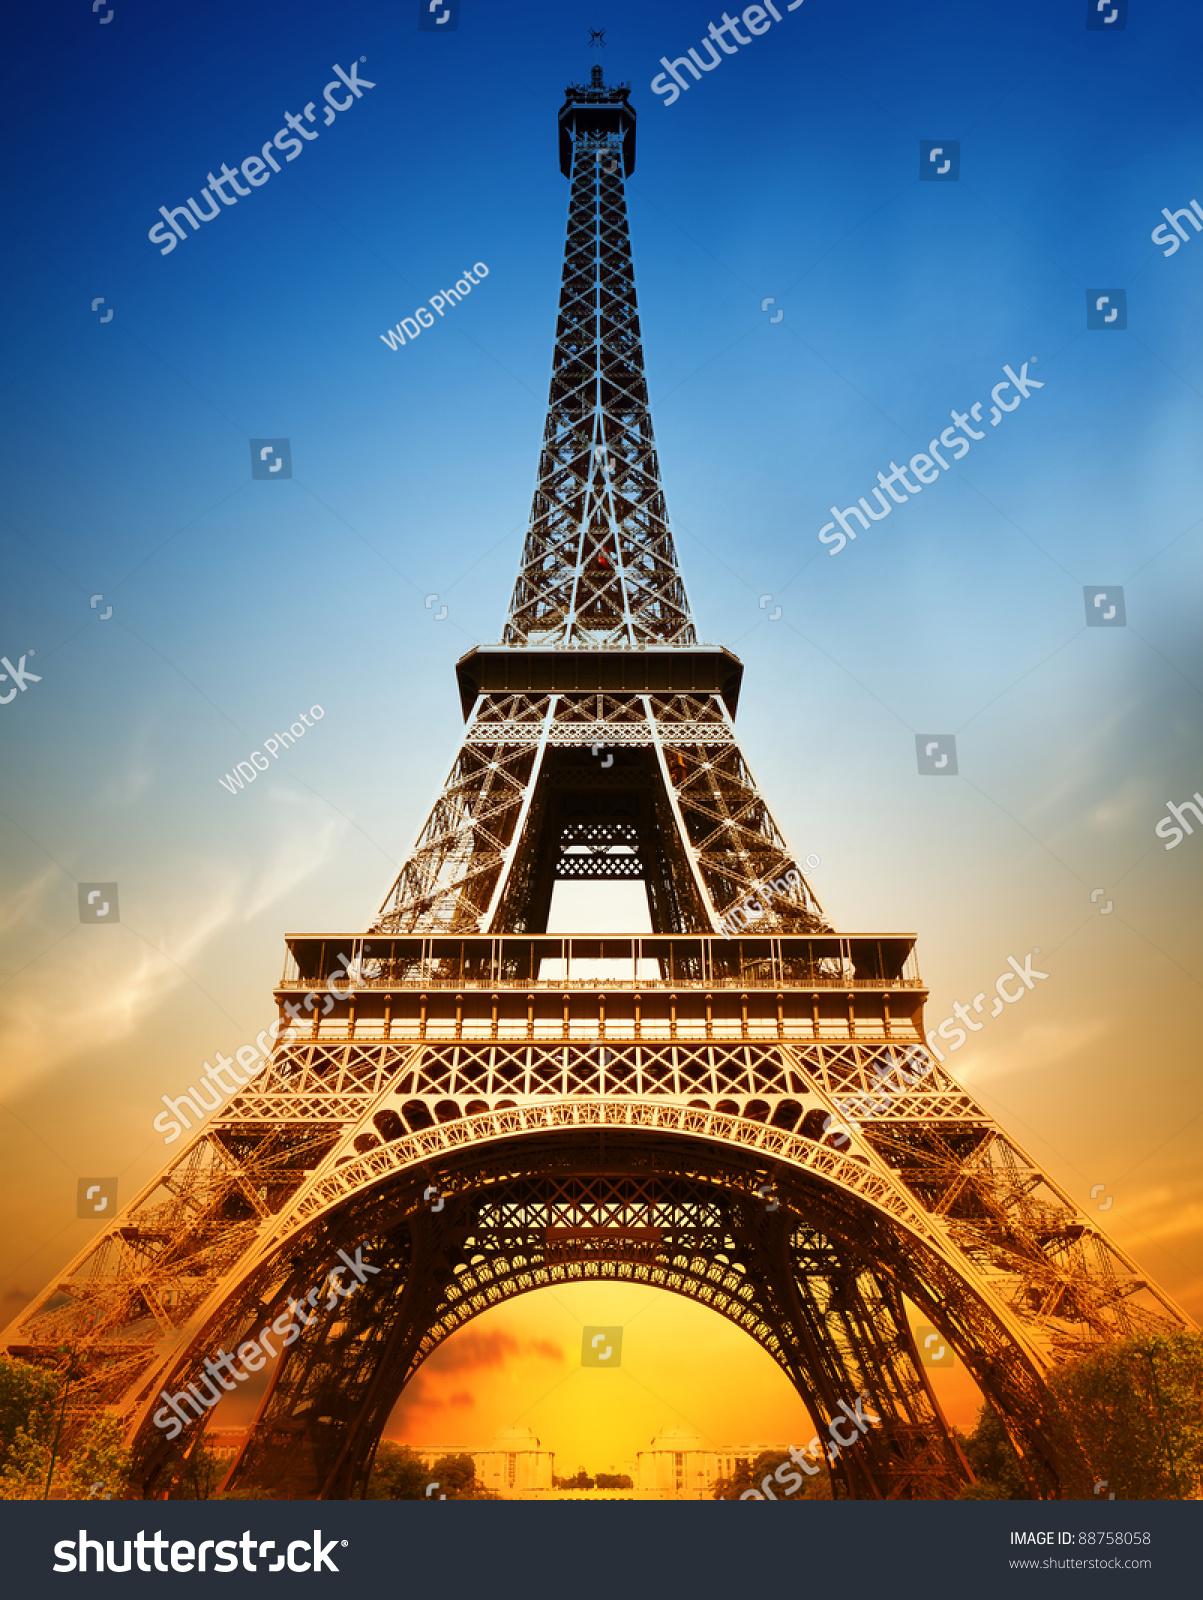 雄伟的埃菲尔铁塔-公园/户外